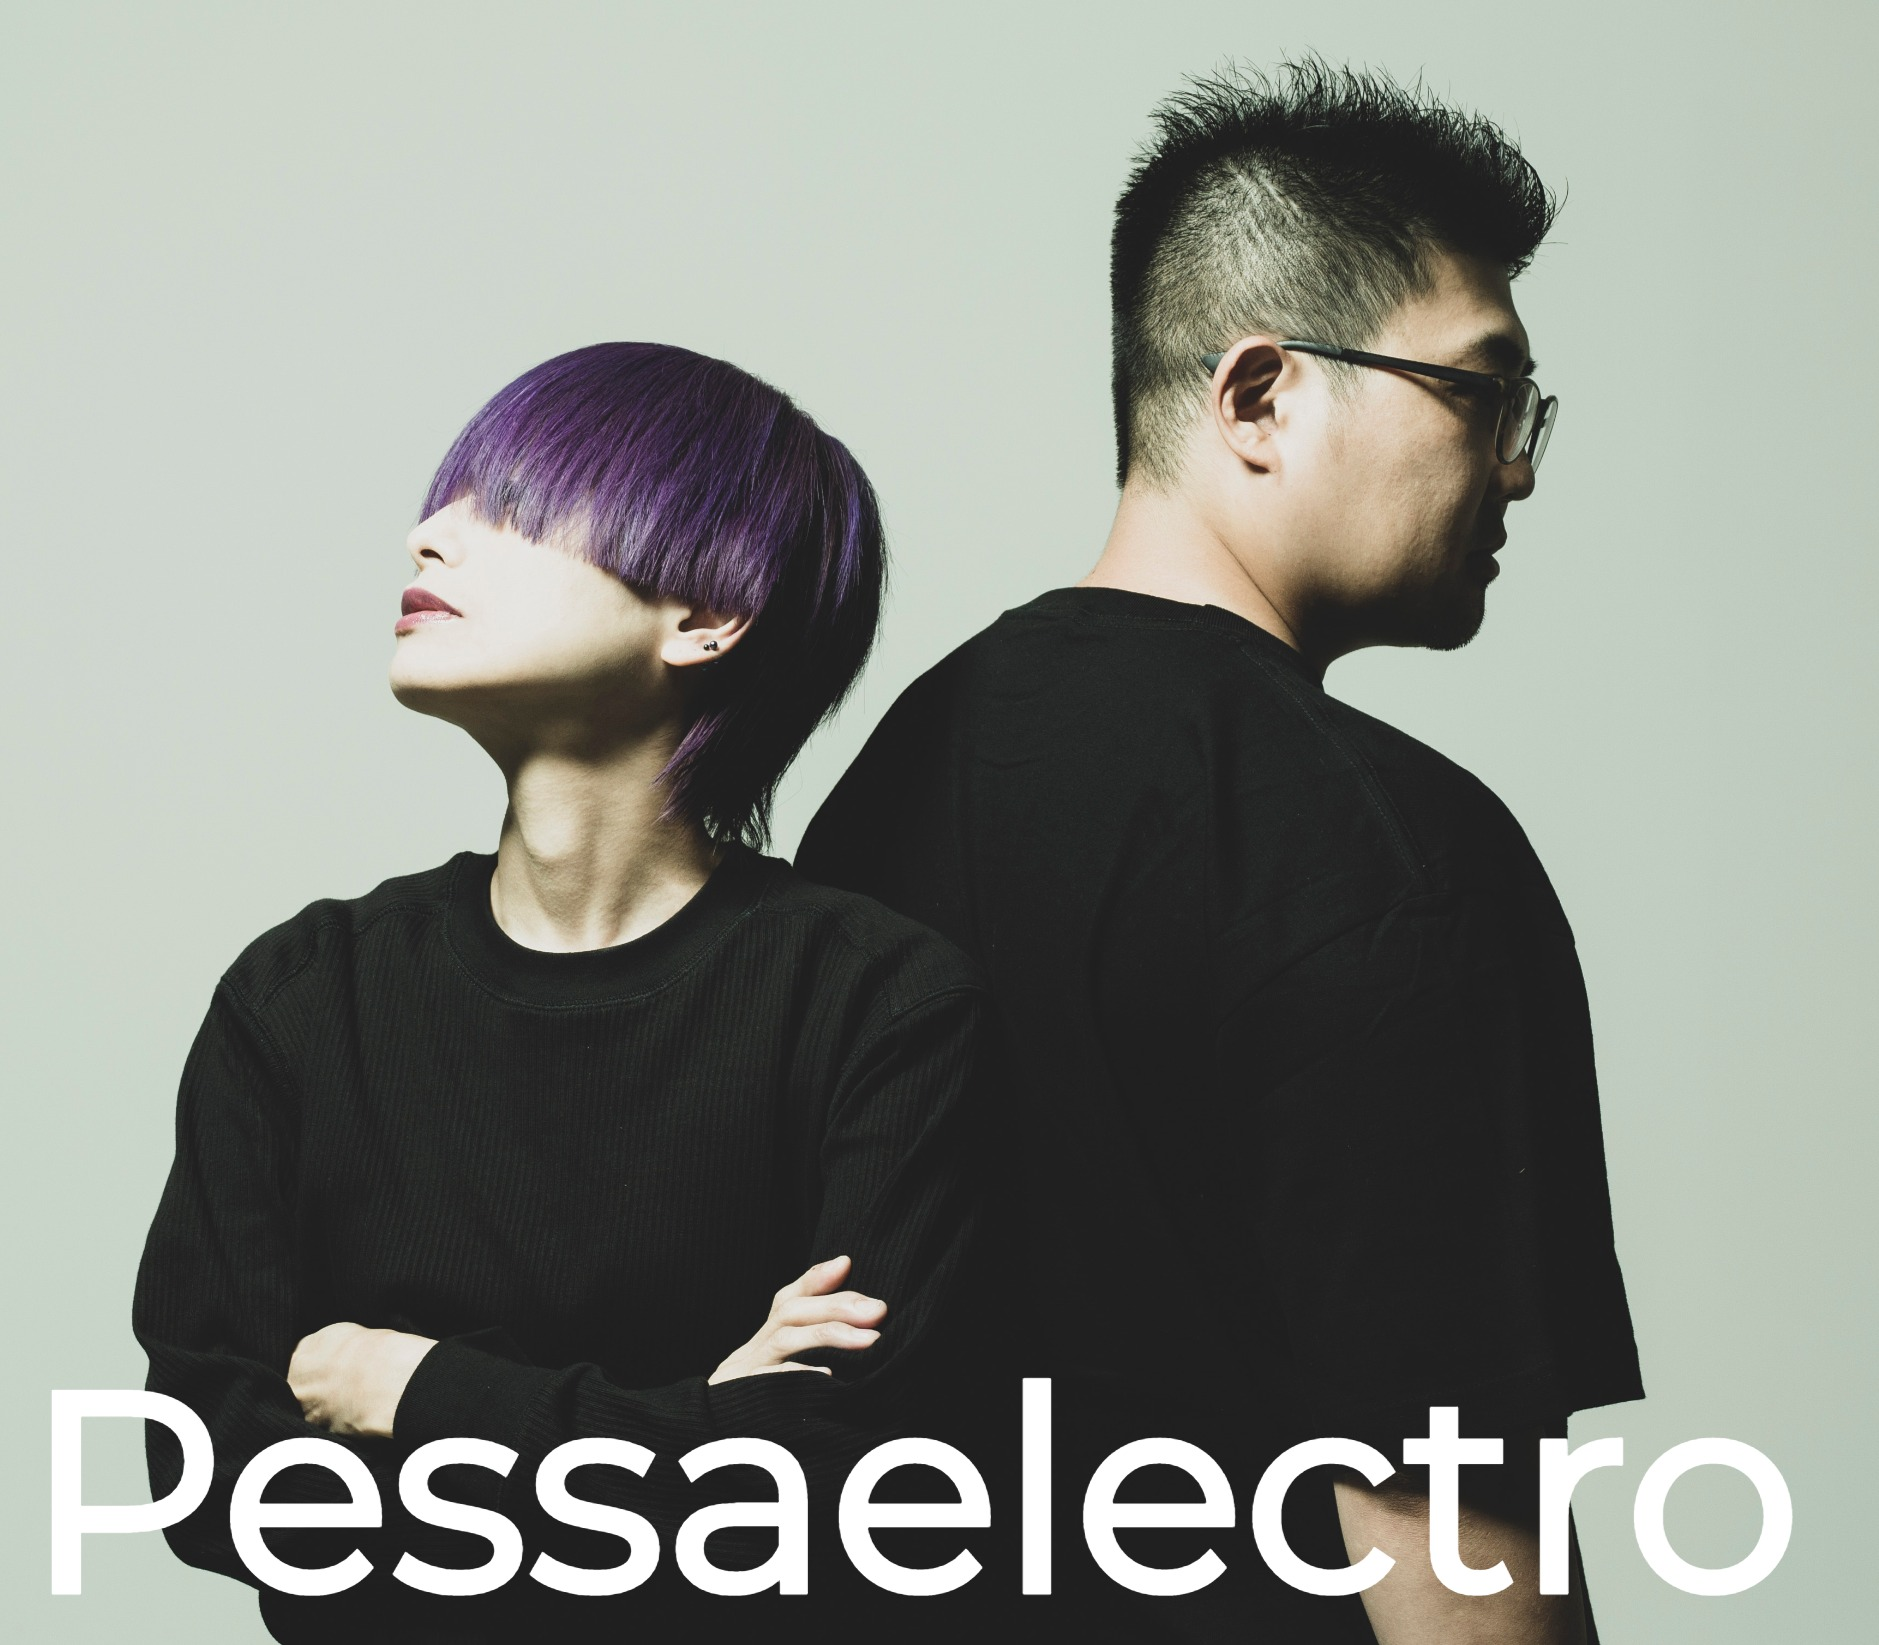 Pessaelectro